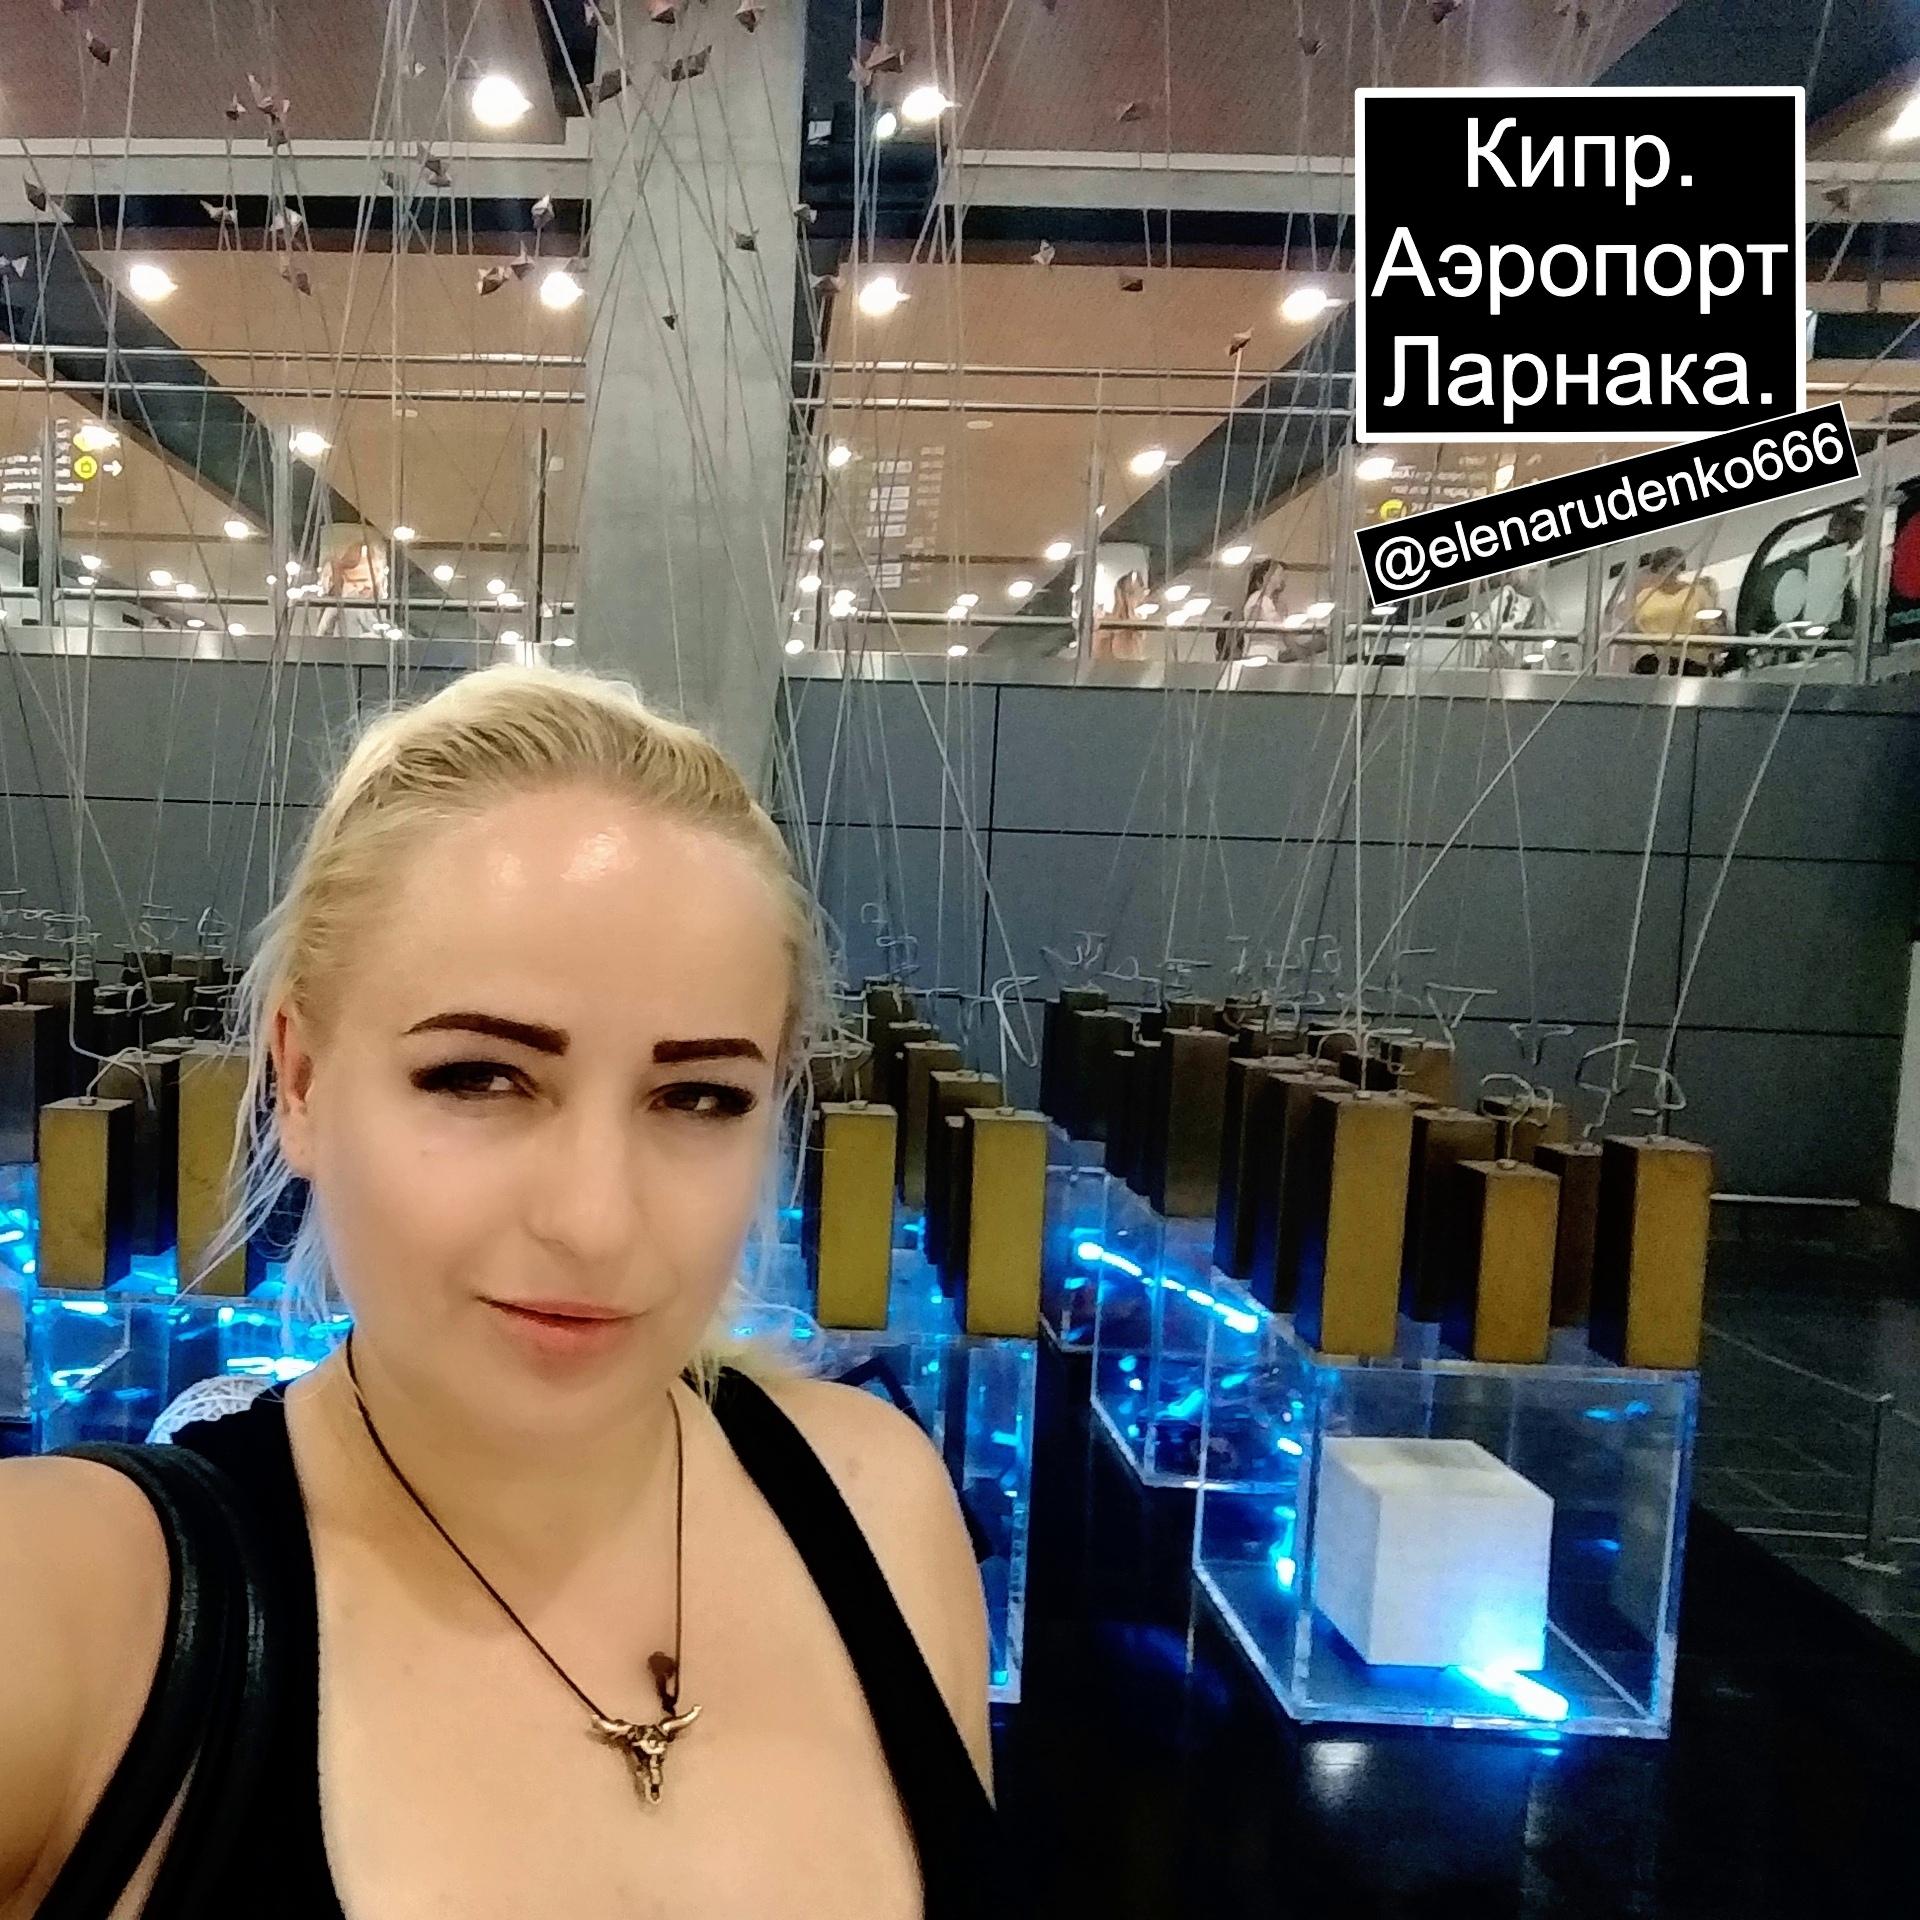 путешествие - Интересные места в которых я побывала (Елена Руденко). O4MoVHRYv3E